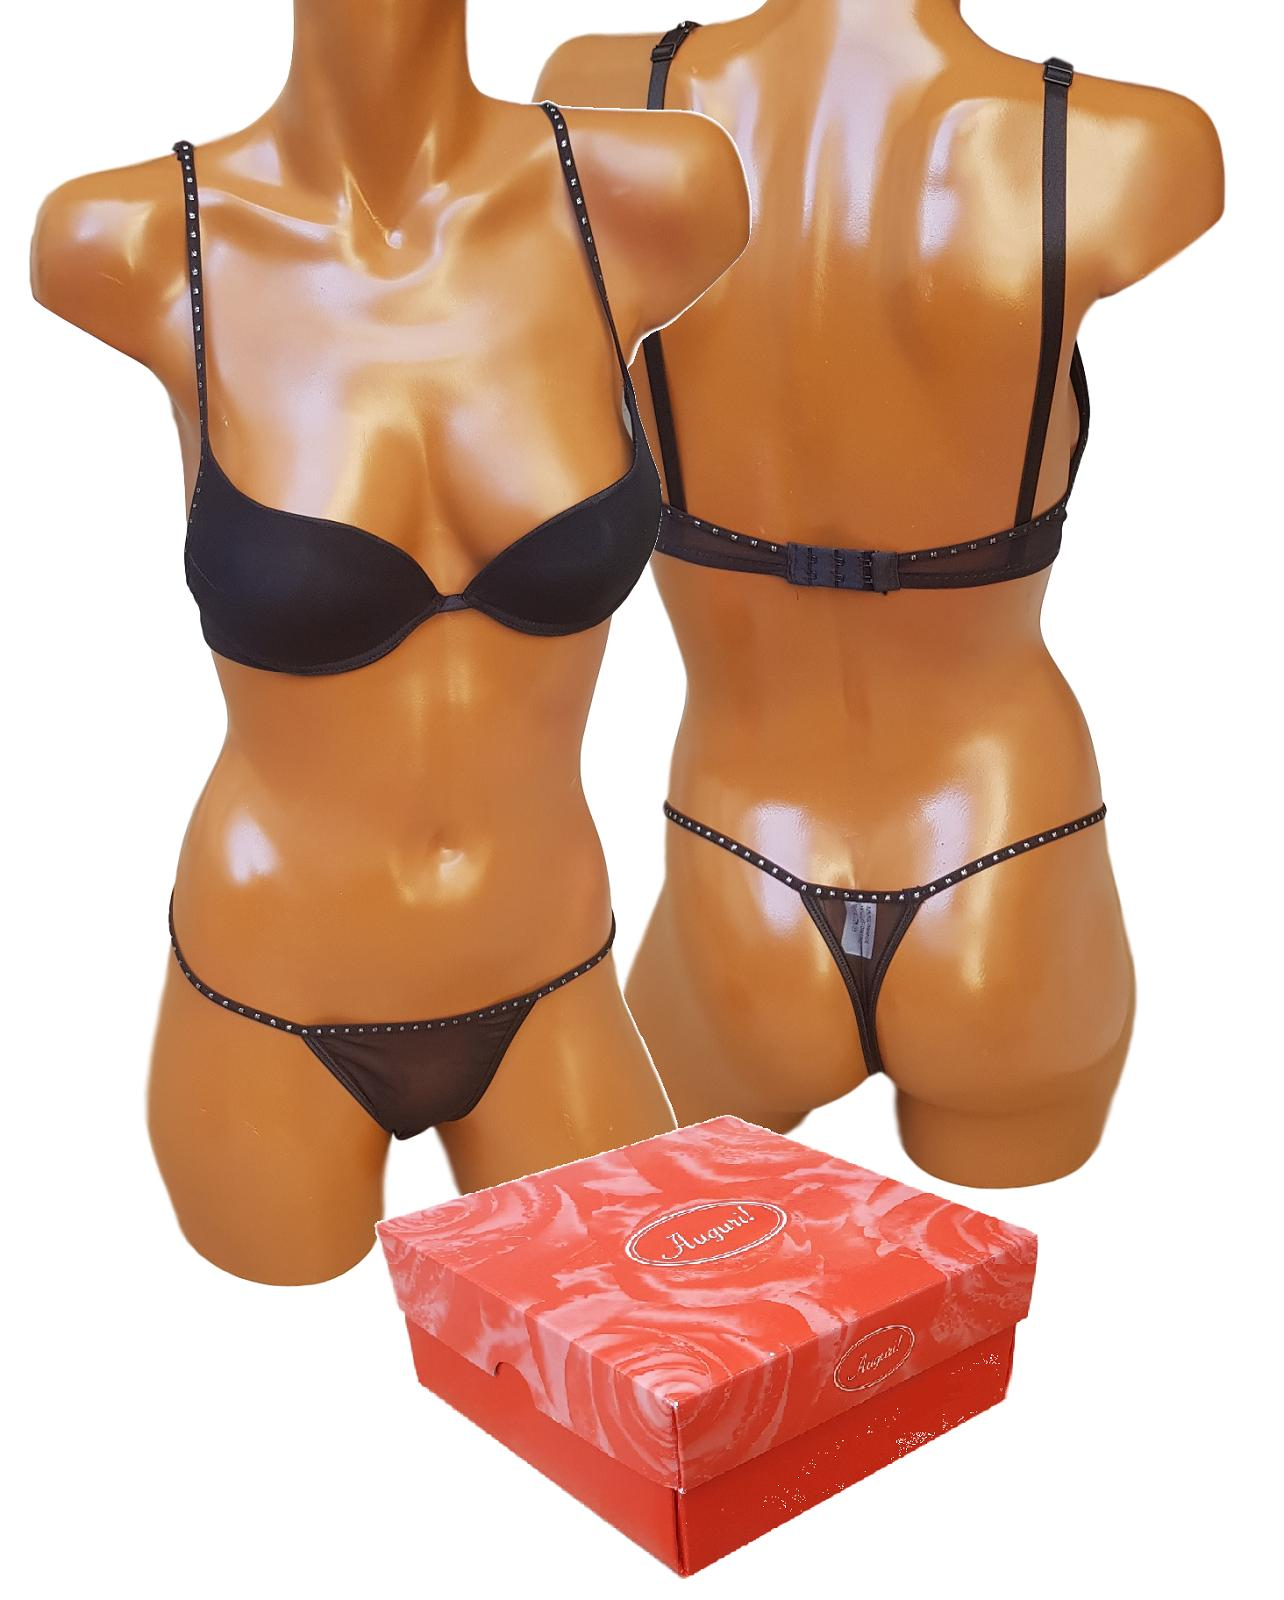 Completino Intimo donna con strass LIA LU. Perizoma + Reggiseno. Lingerie Sexy.